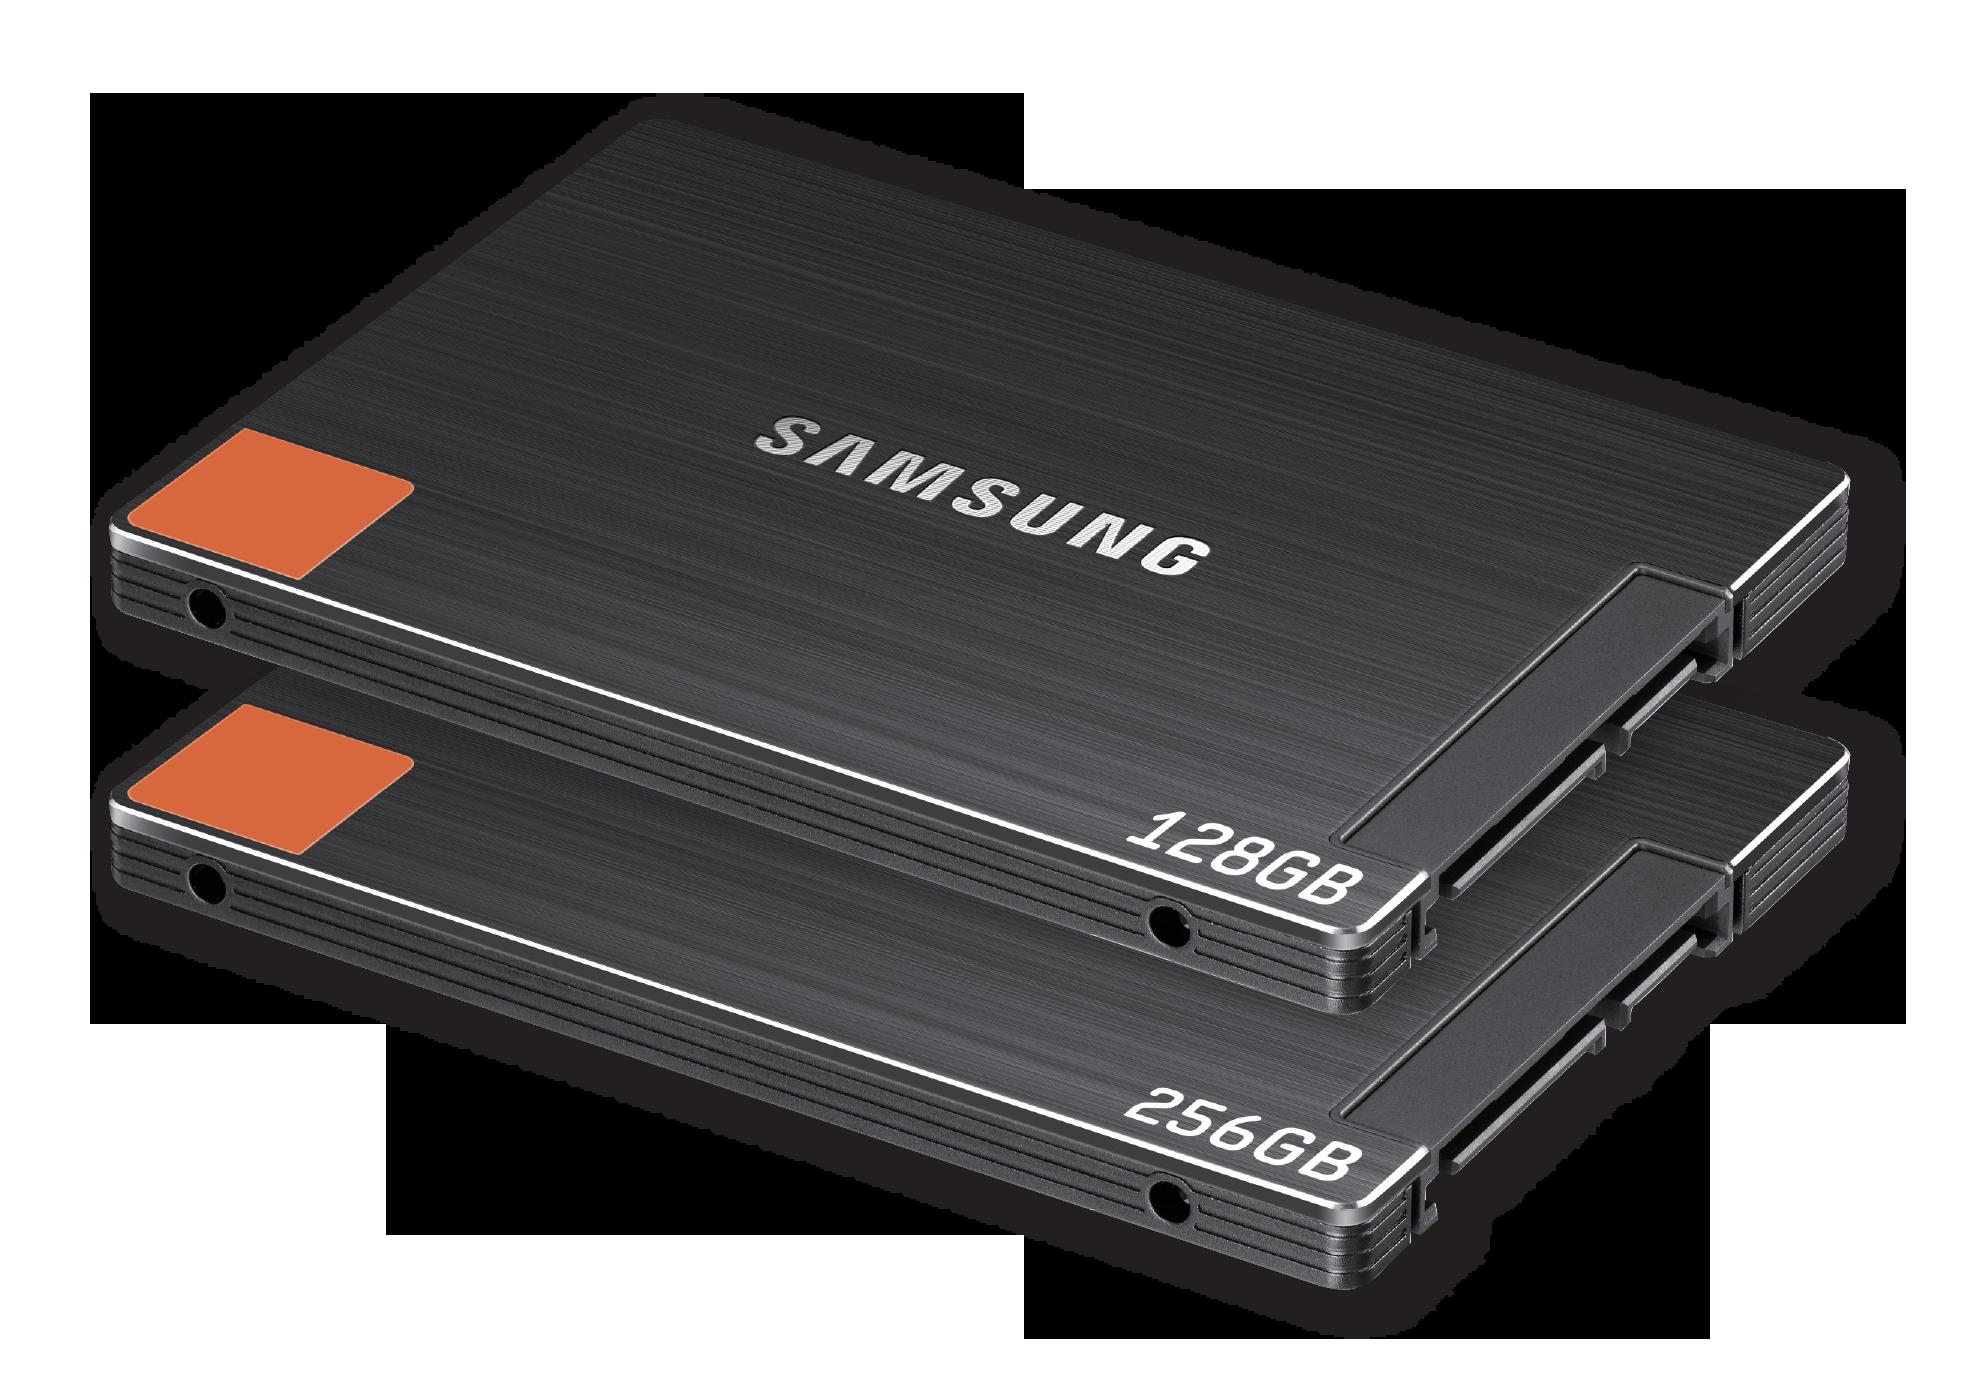 Instalar una unidad de estado sólido (SSD)